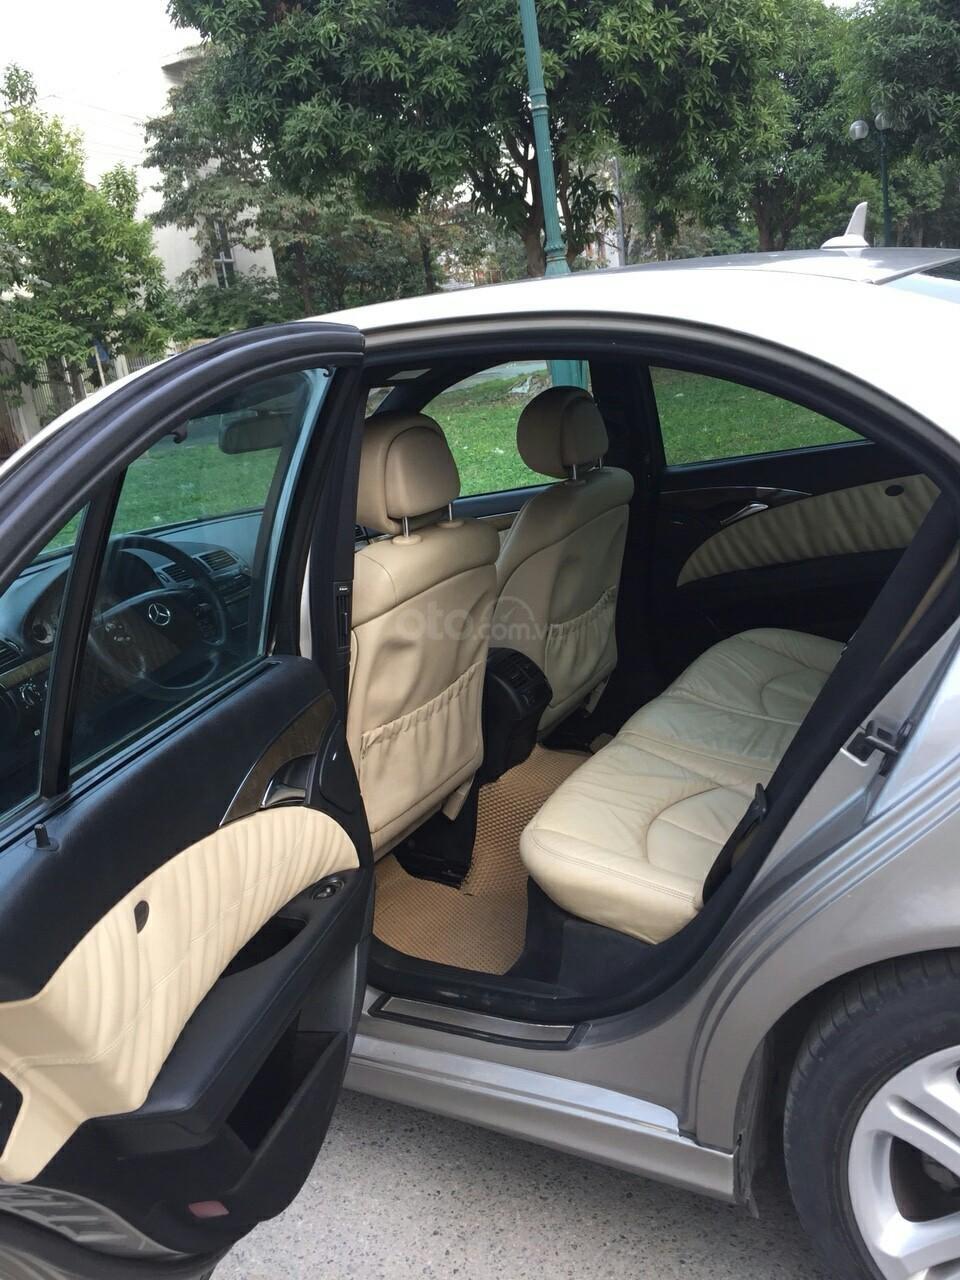 Bán Mercedes C200 sản xuất 2007 giá cực tốt (6)